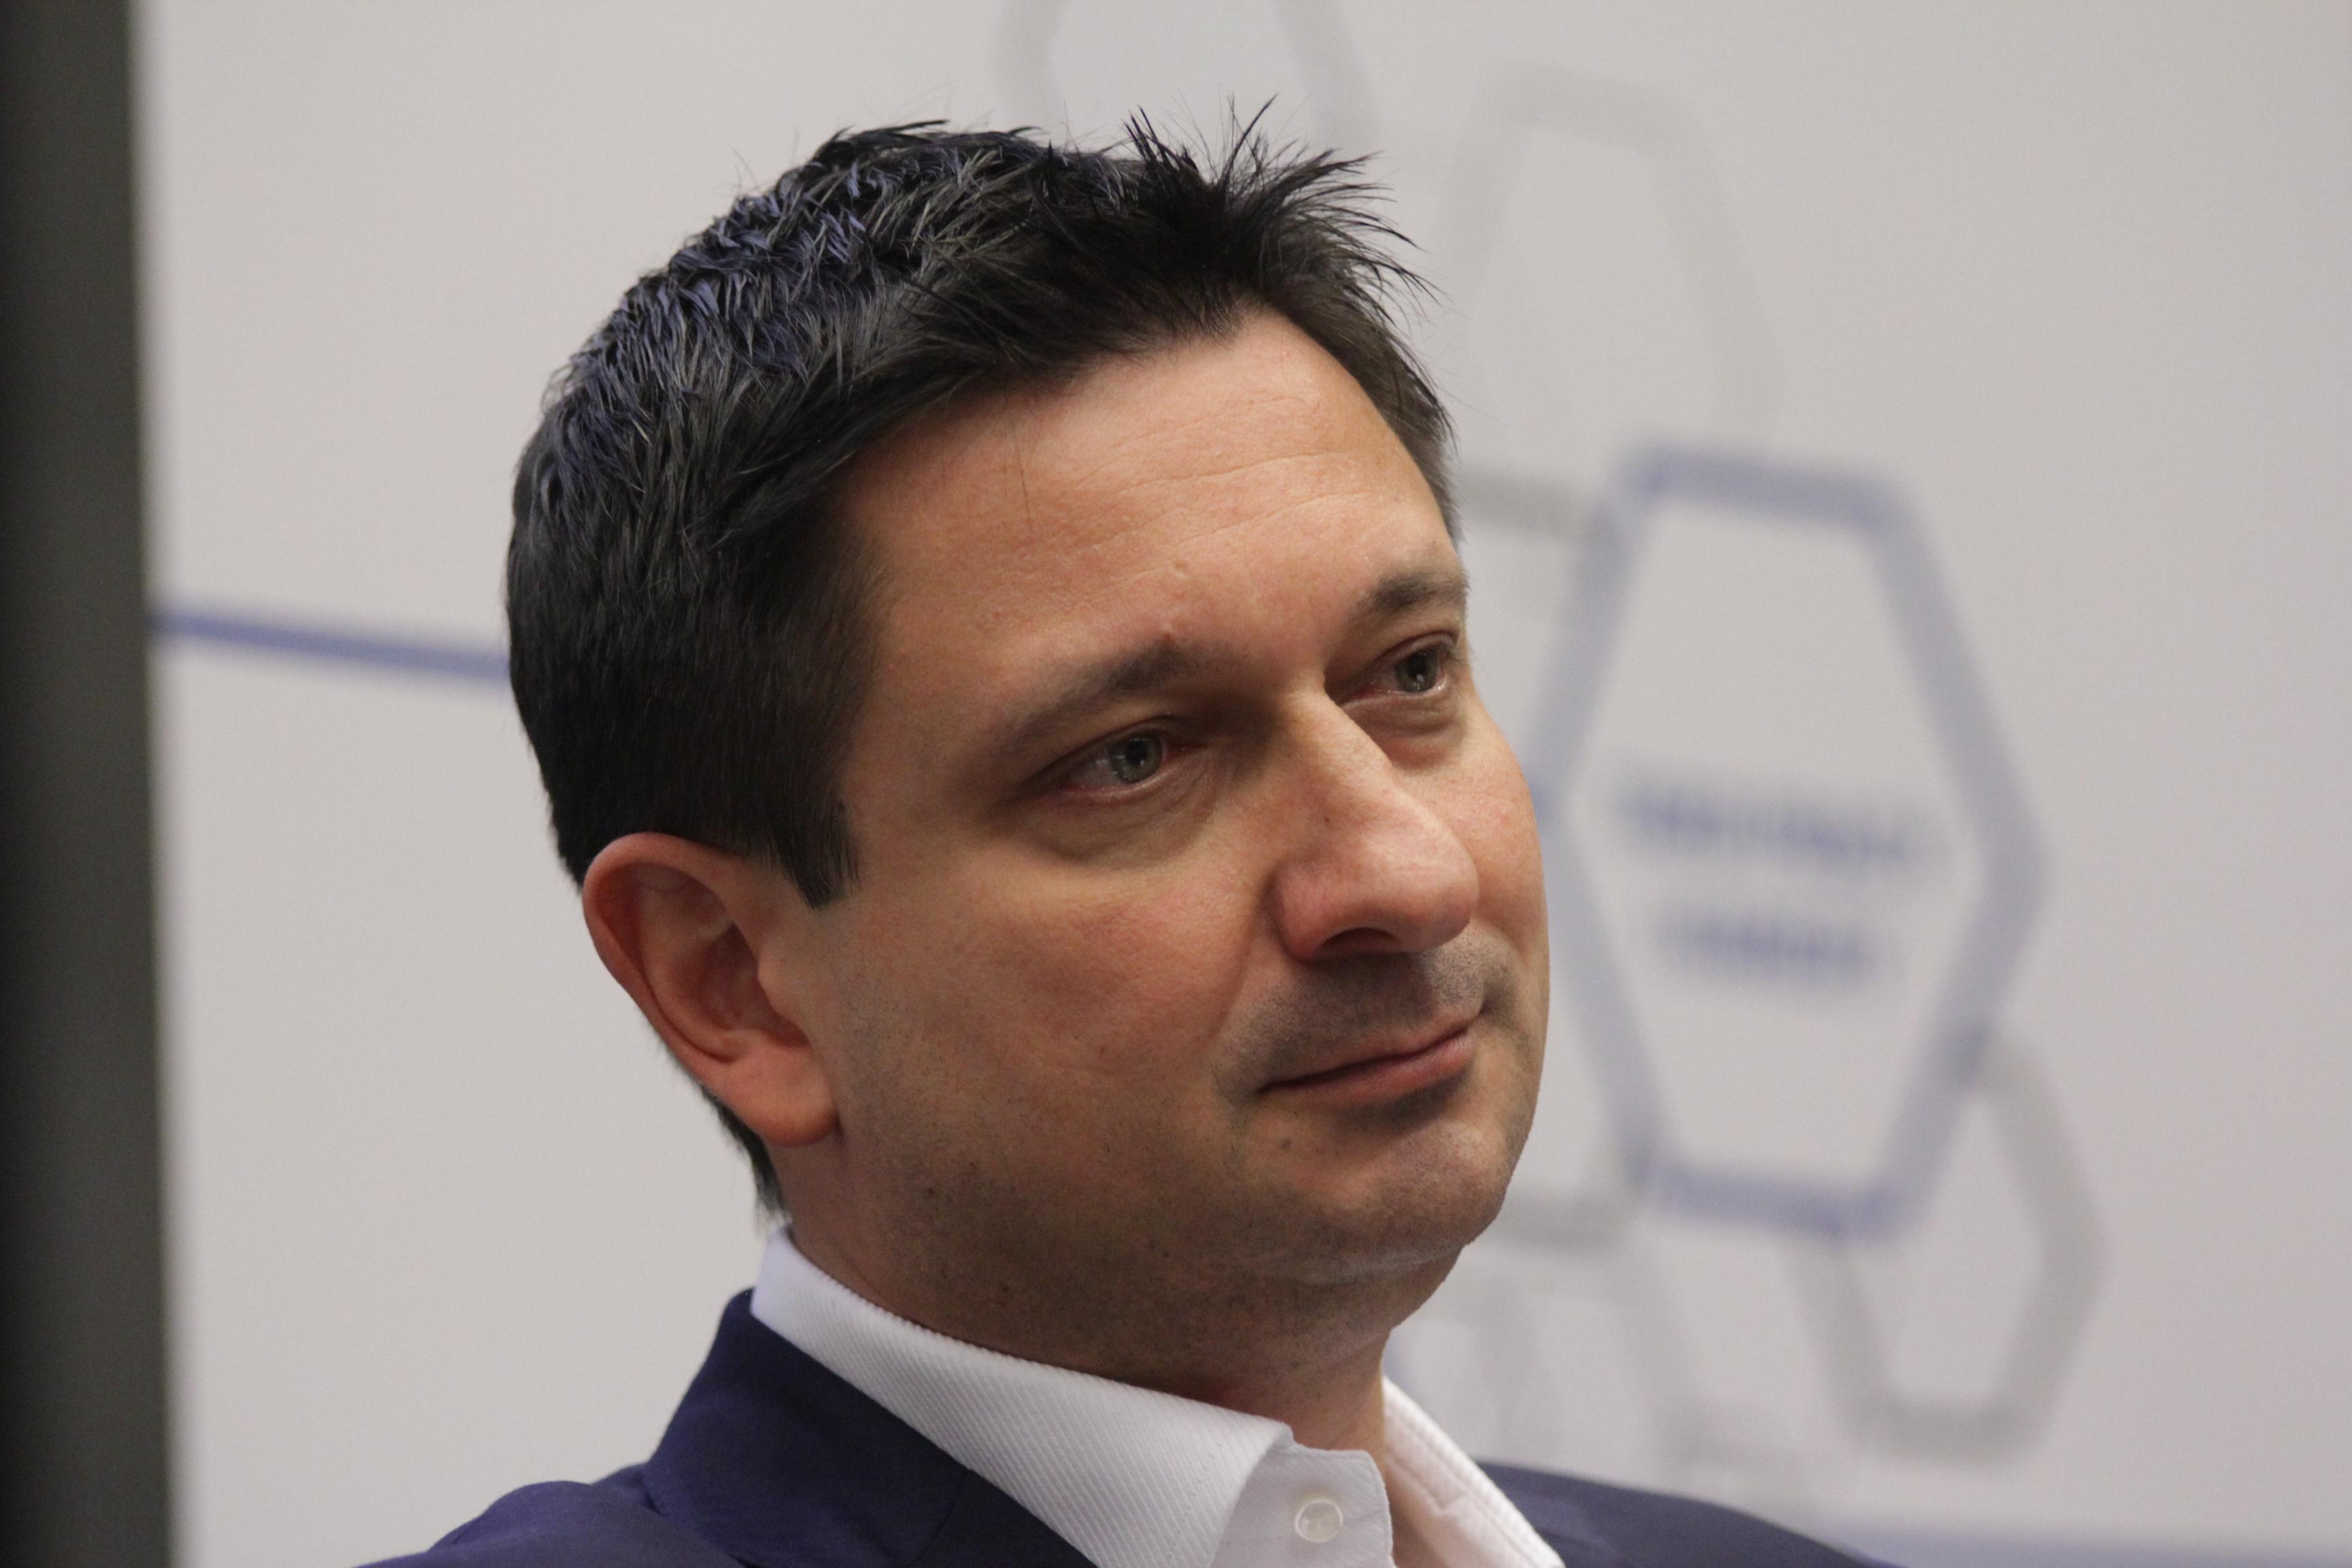 Żyjemy w dziwnych, ale ciekawych czasach - zauważa Tomasz Misiak, prezydent rady nadzorczej Work Service.